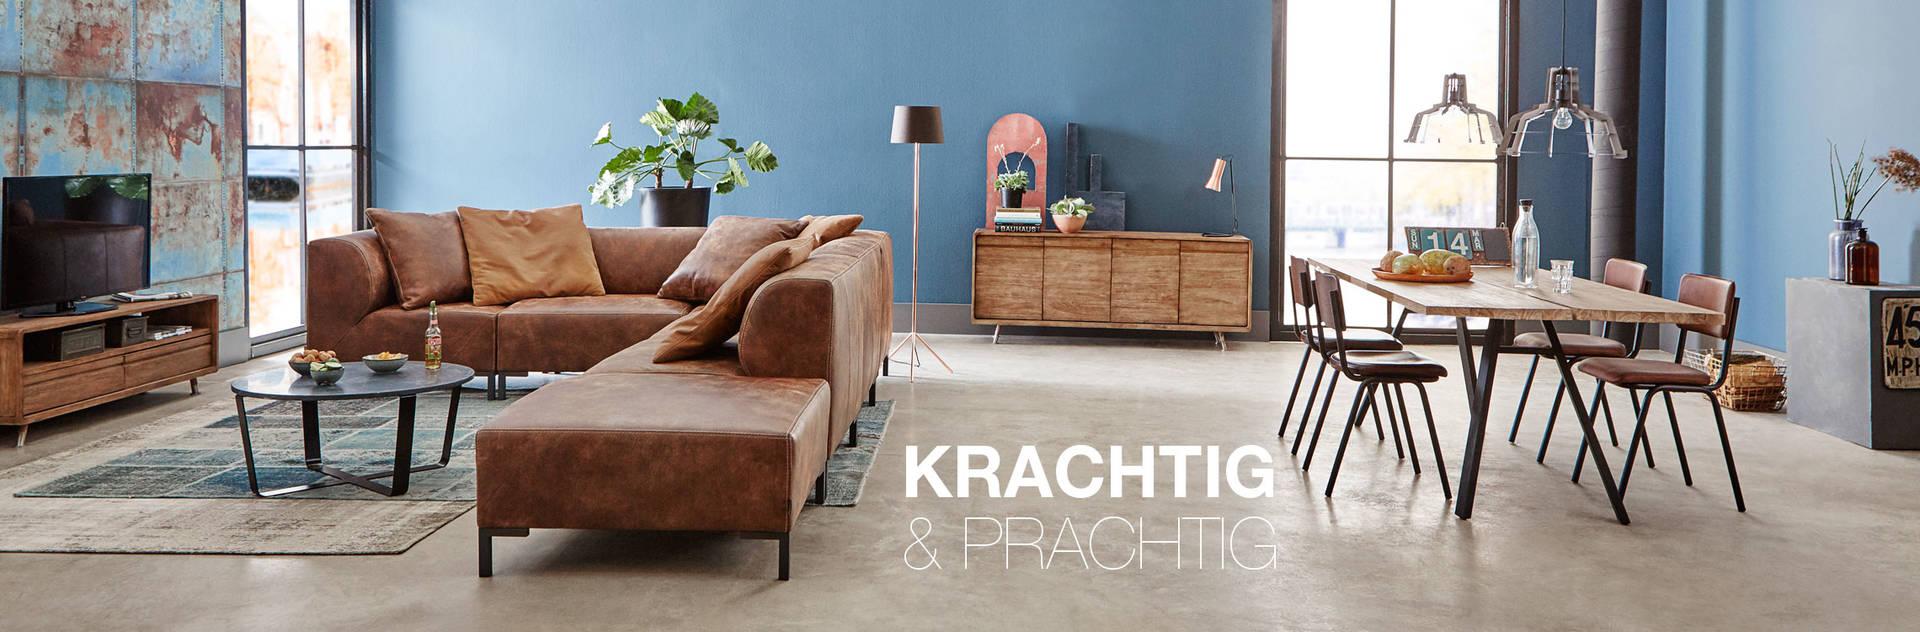 Trend - Industrieel interieur: Krachtig & Prachtig | Goossens